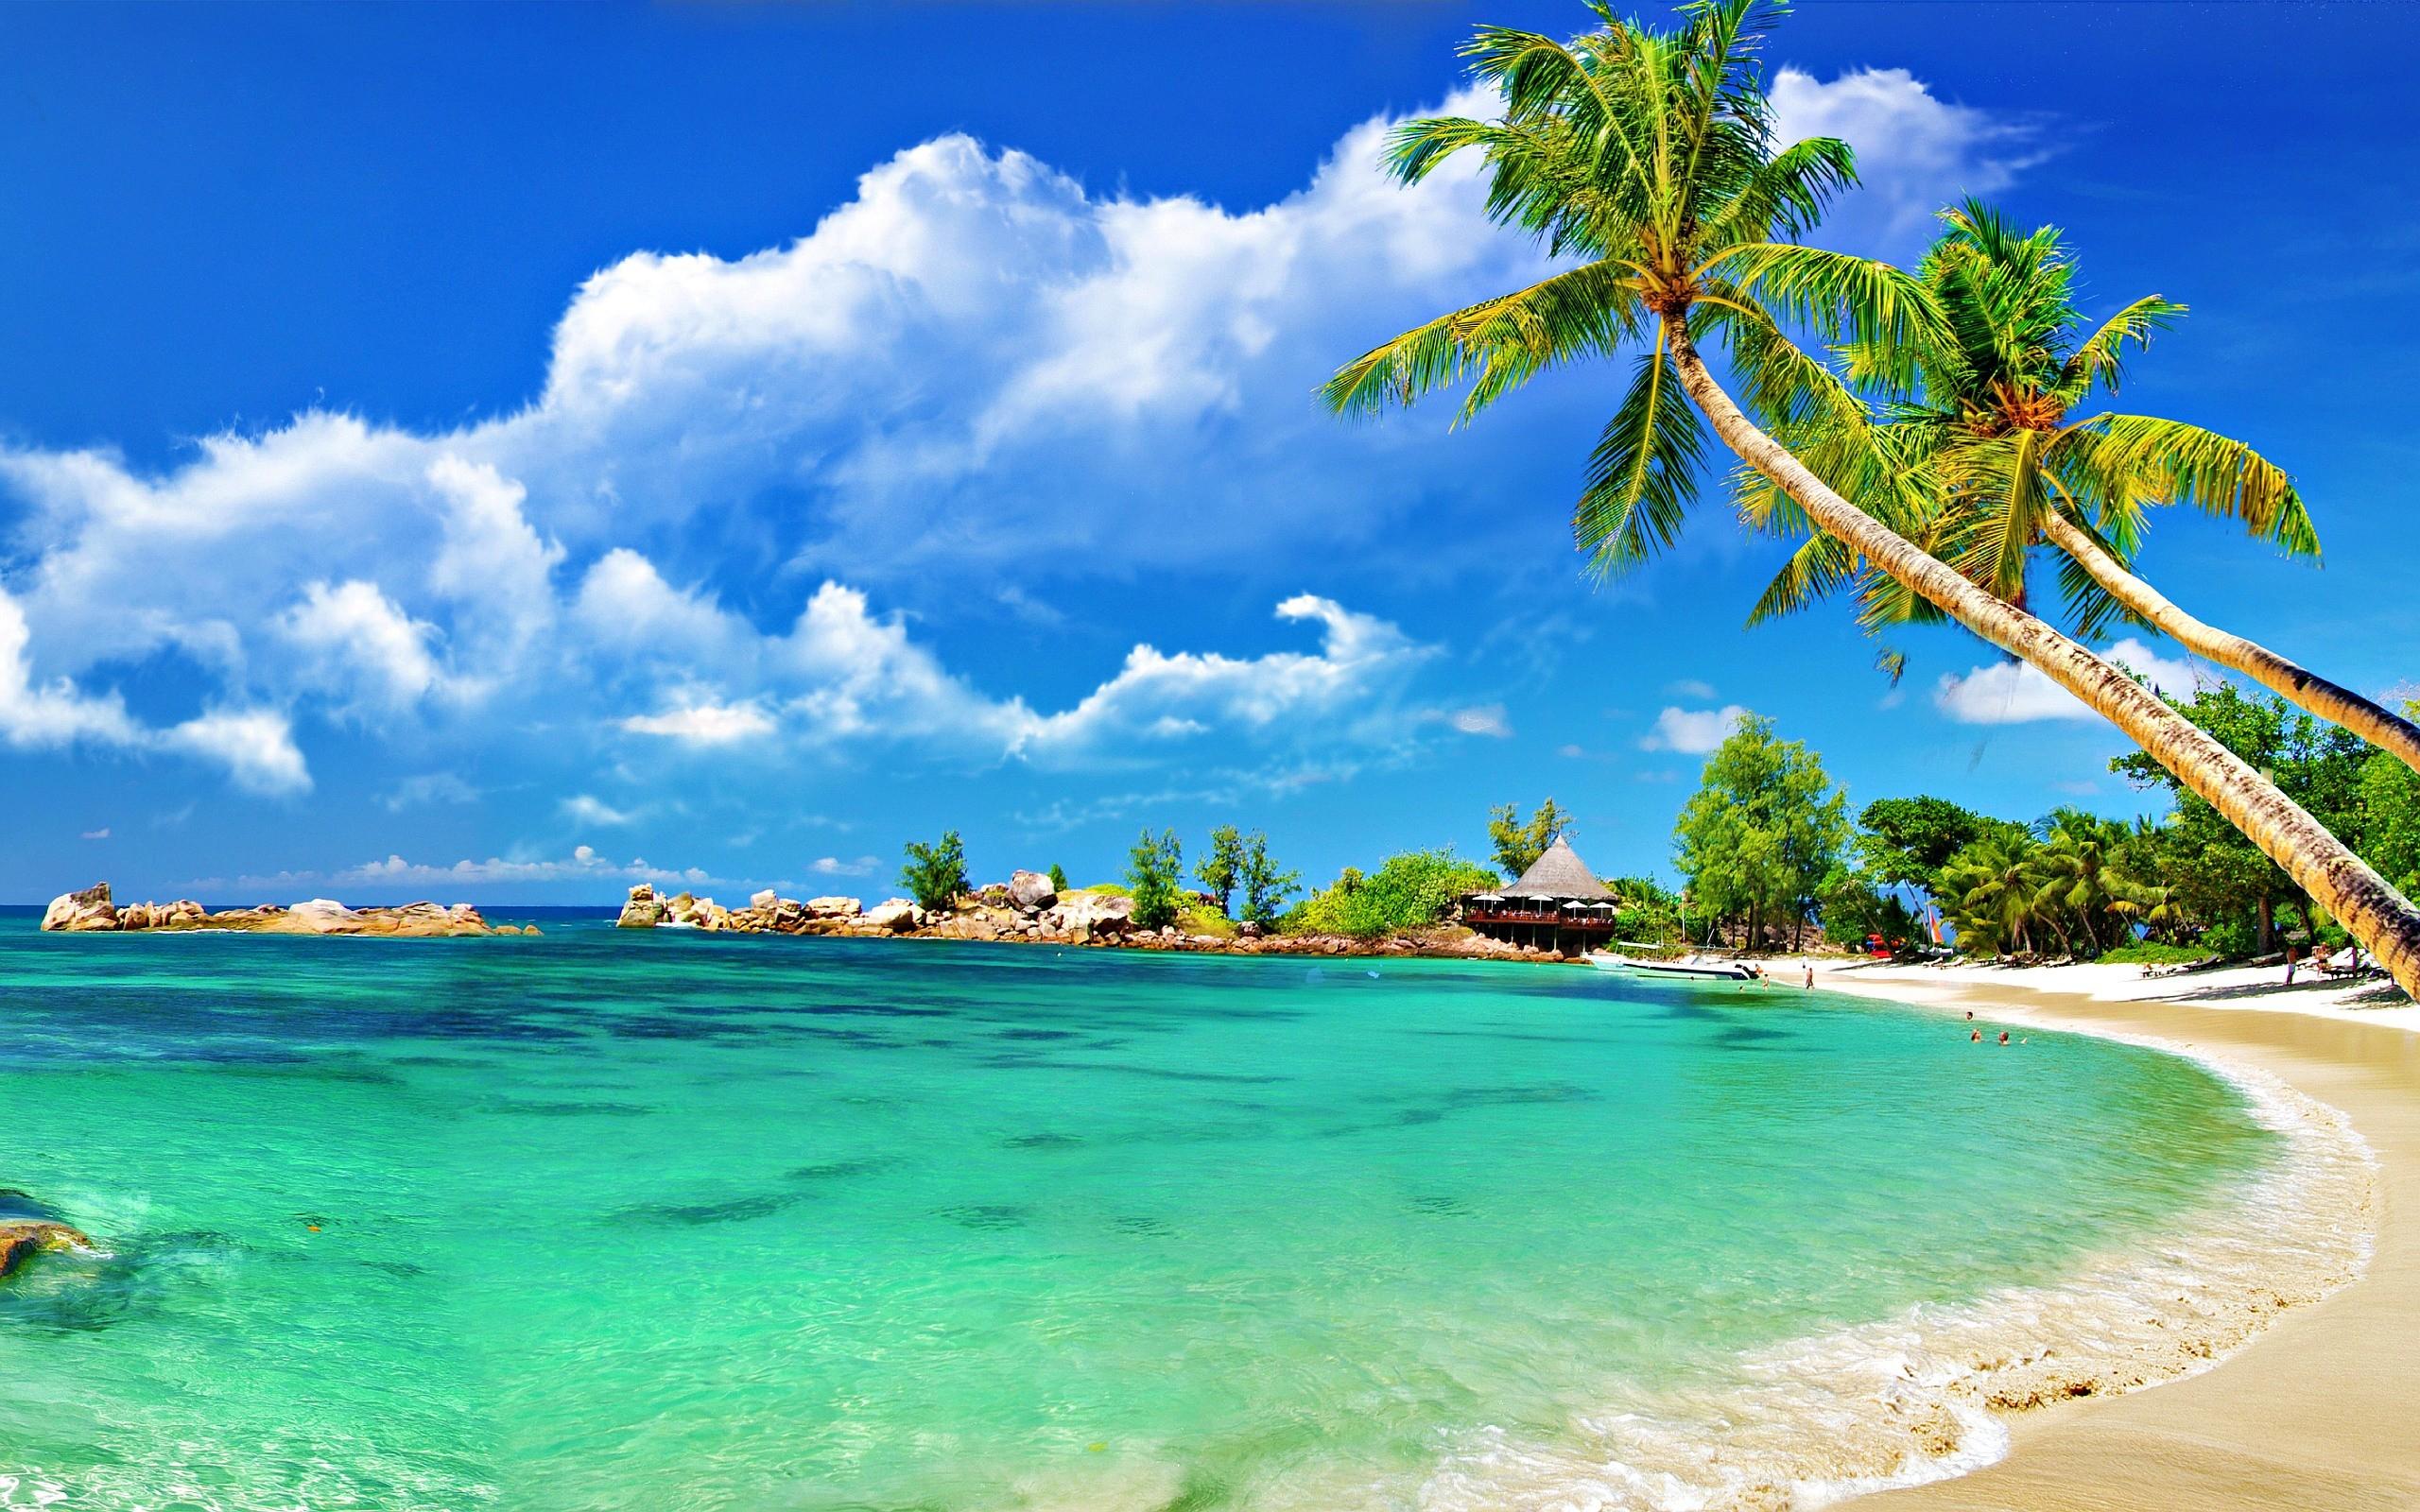 wallpaper, Tropical Beach Wallpapers hd wallpaper, background desktop .